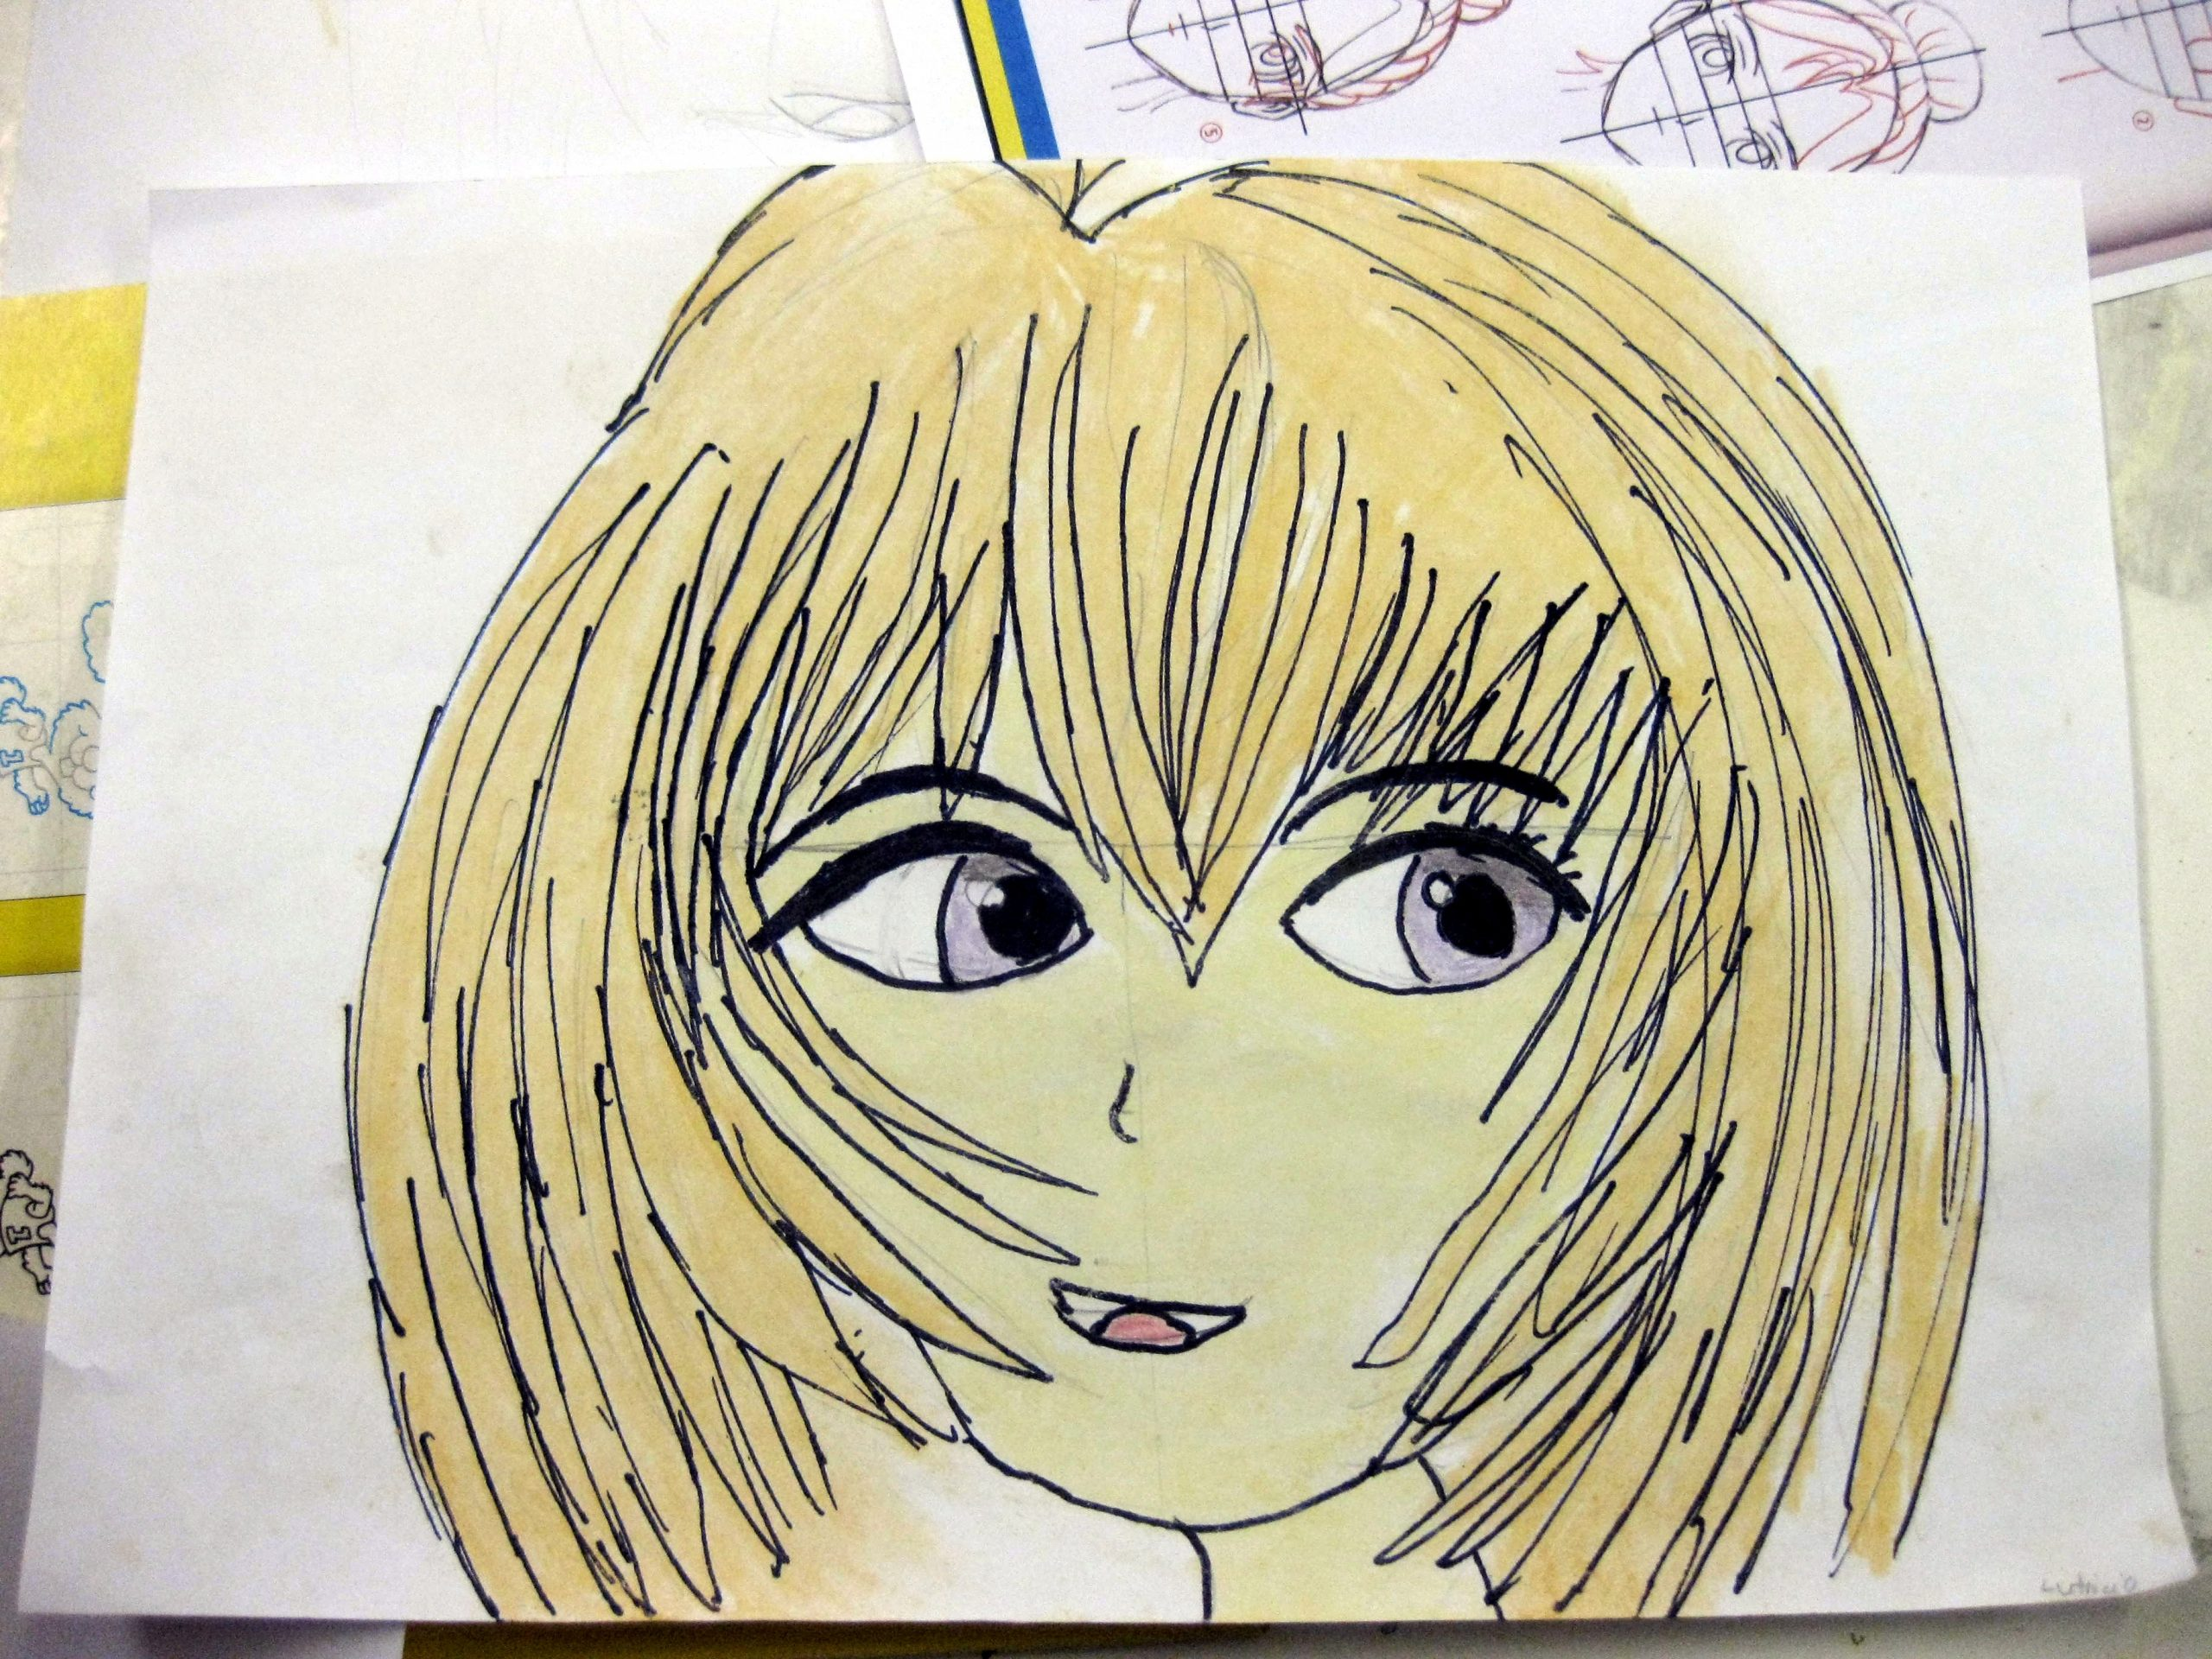 Kinderkurse - Freude am kreativ sein. Ein Mädchen mit blonden Haaren.